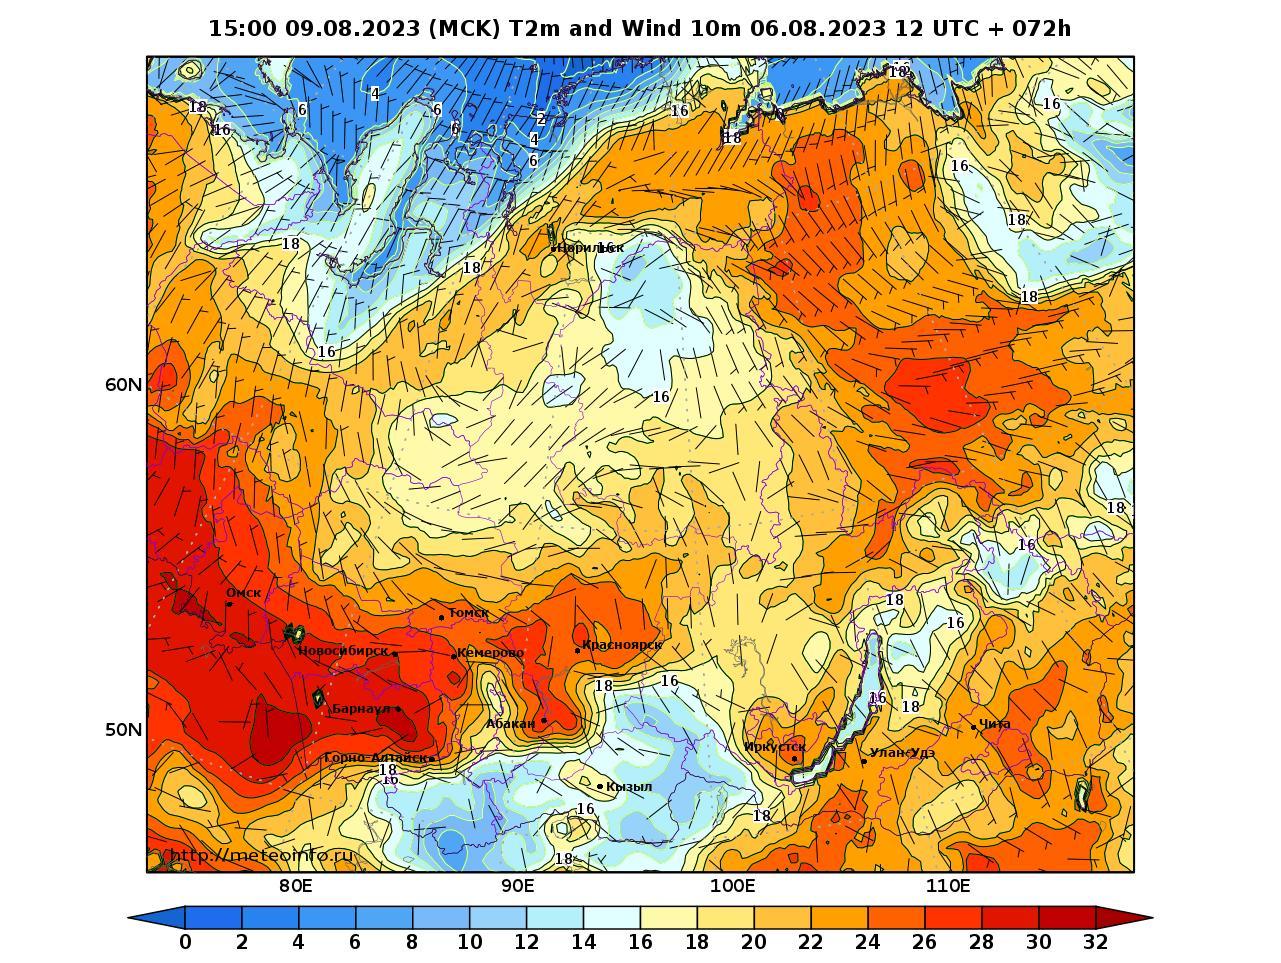 Сибирский Федеральный округ, прогностическая карта приземная температура, заблаговременность прогноза 72 часа